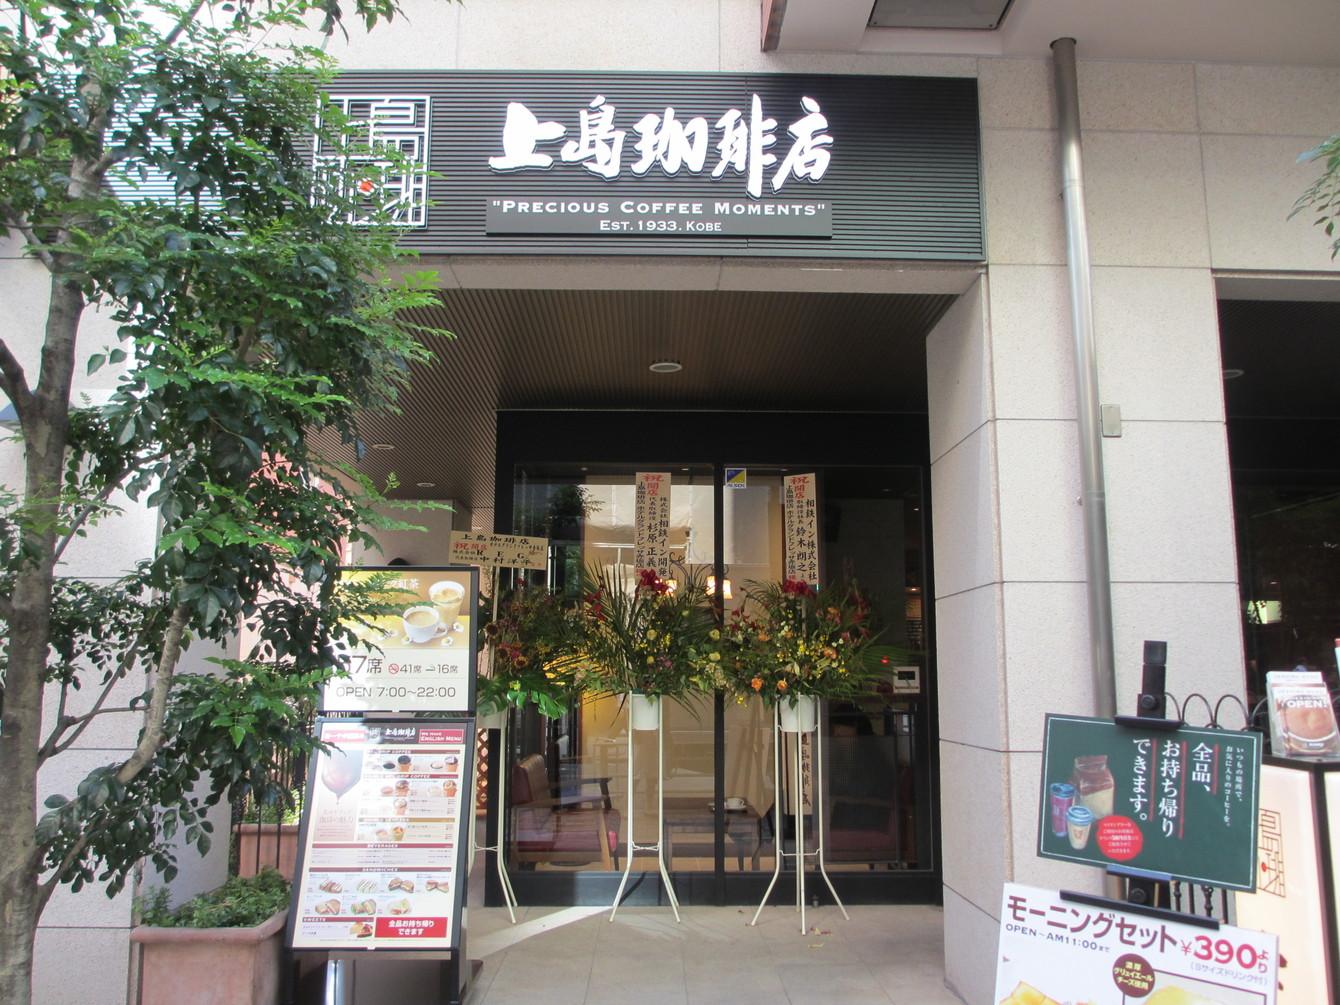 上島珈琲店 ホテルグランドフレッサ赤坂店